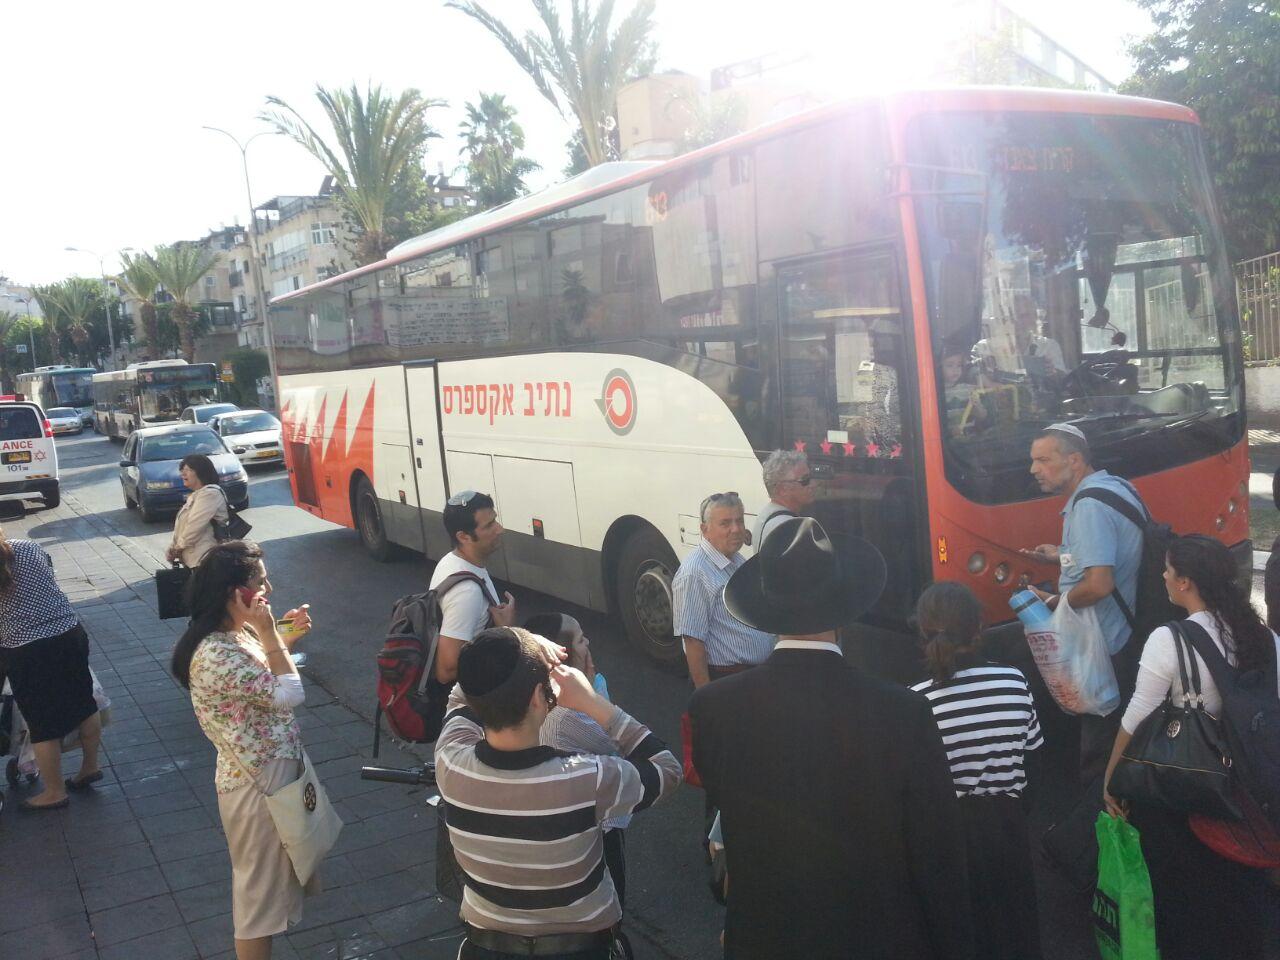 אוטובוס אוטובוסים חרדים נוסעים זועמים - צילם יהודה רחמים 24 (7)